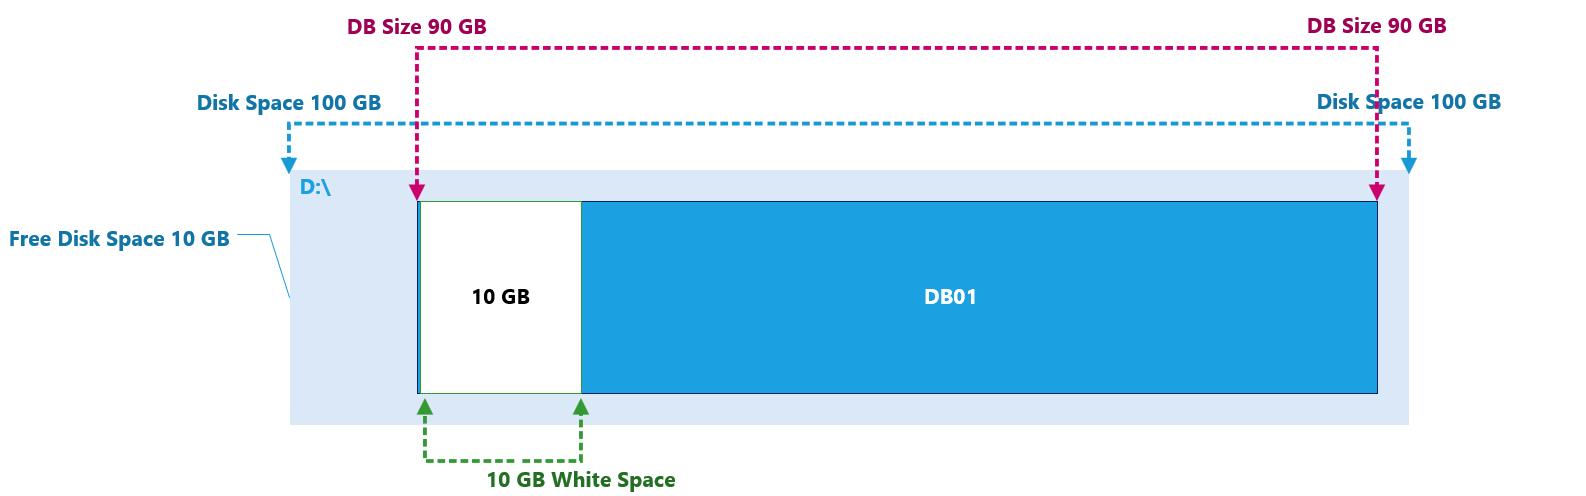 DB Size 2